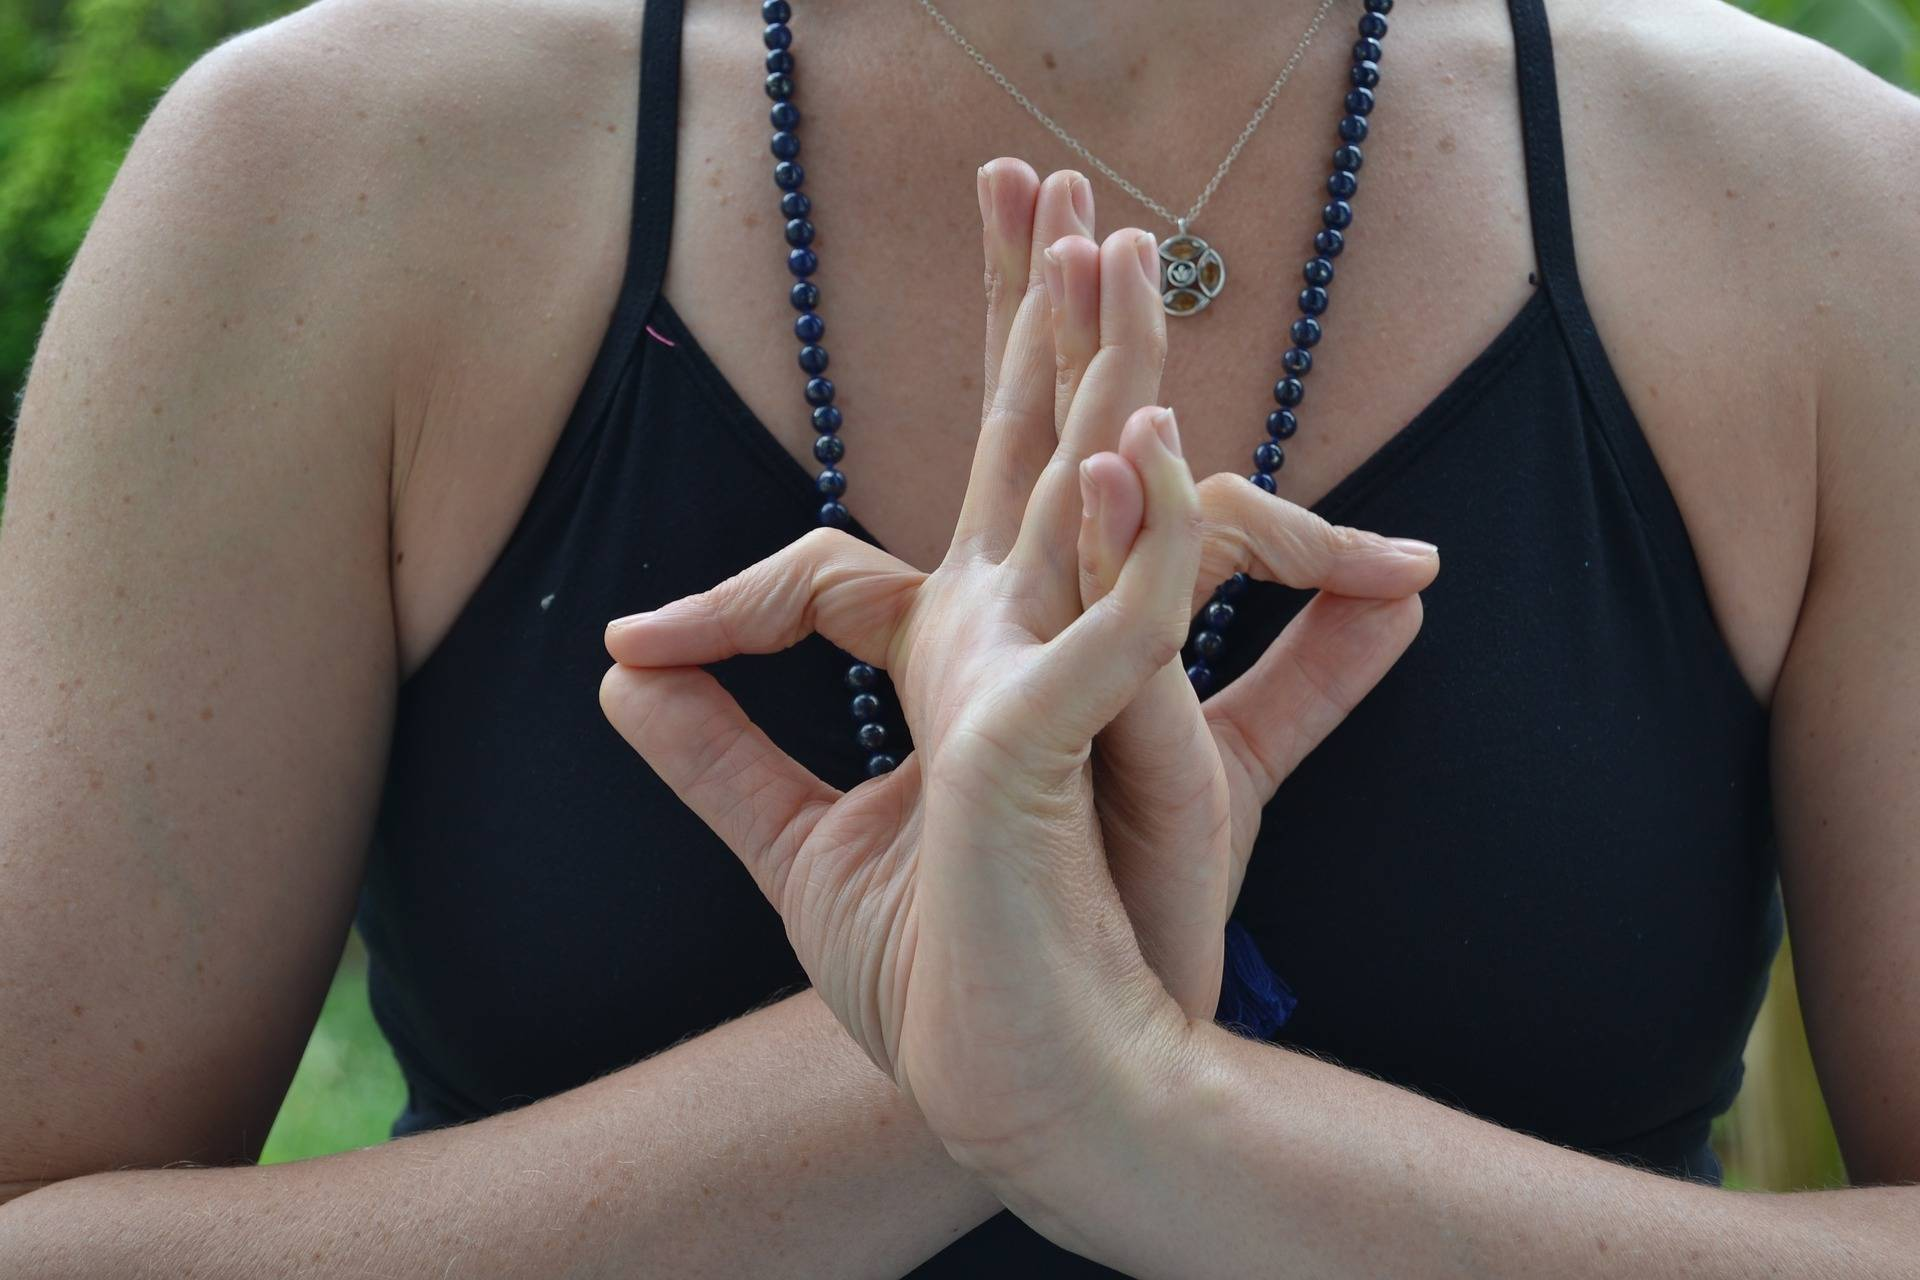 Повышает жизнеспособность и улучшает зрение: волшебная Прана-мудра на каждый день